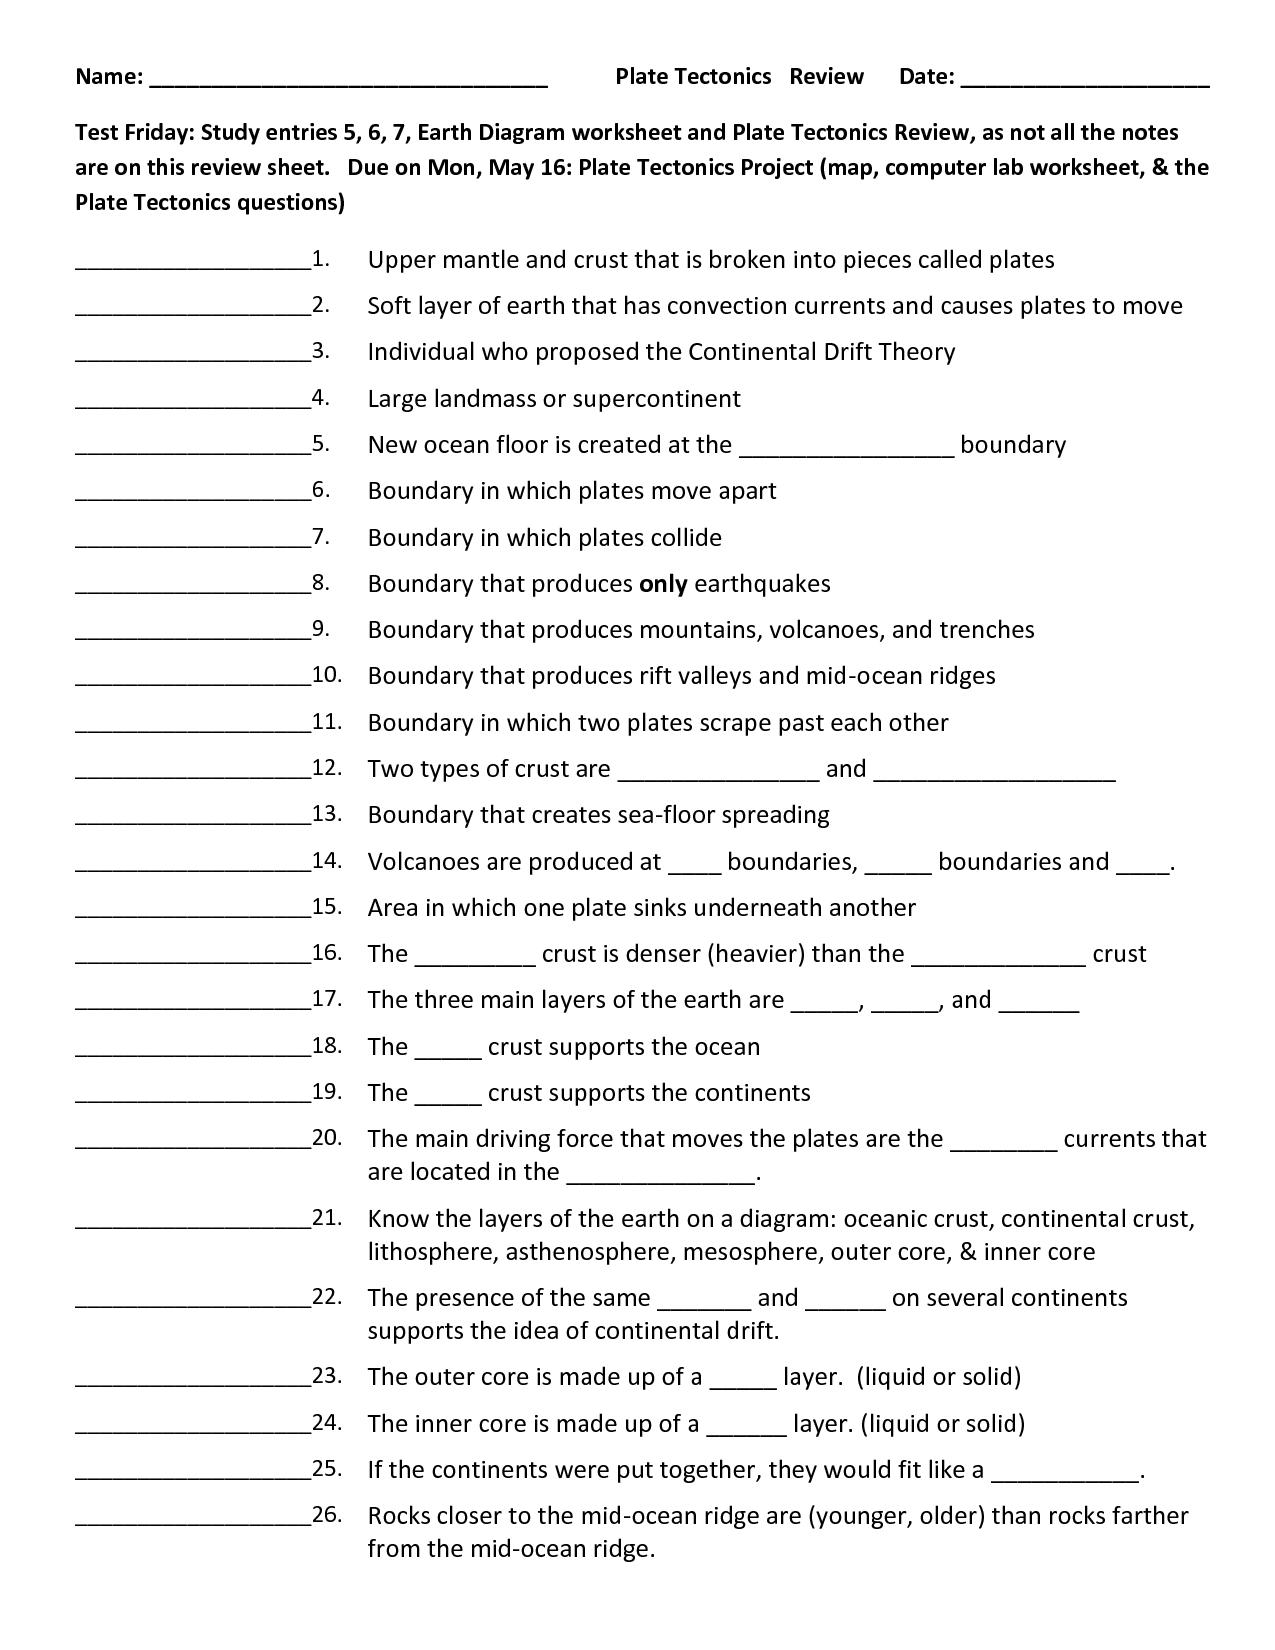 Power Boundaries Worksheet